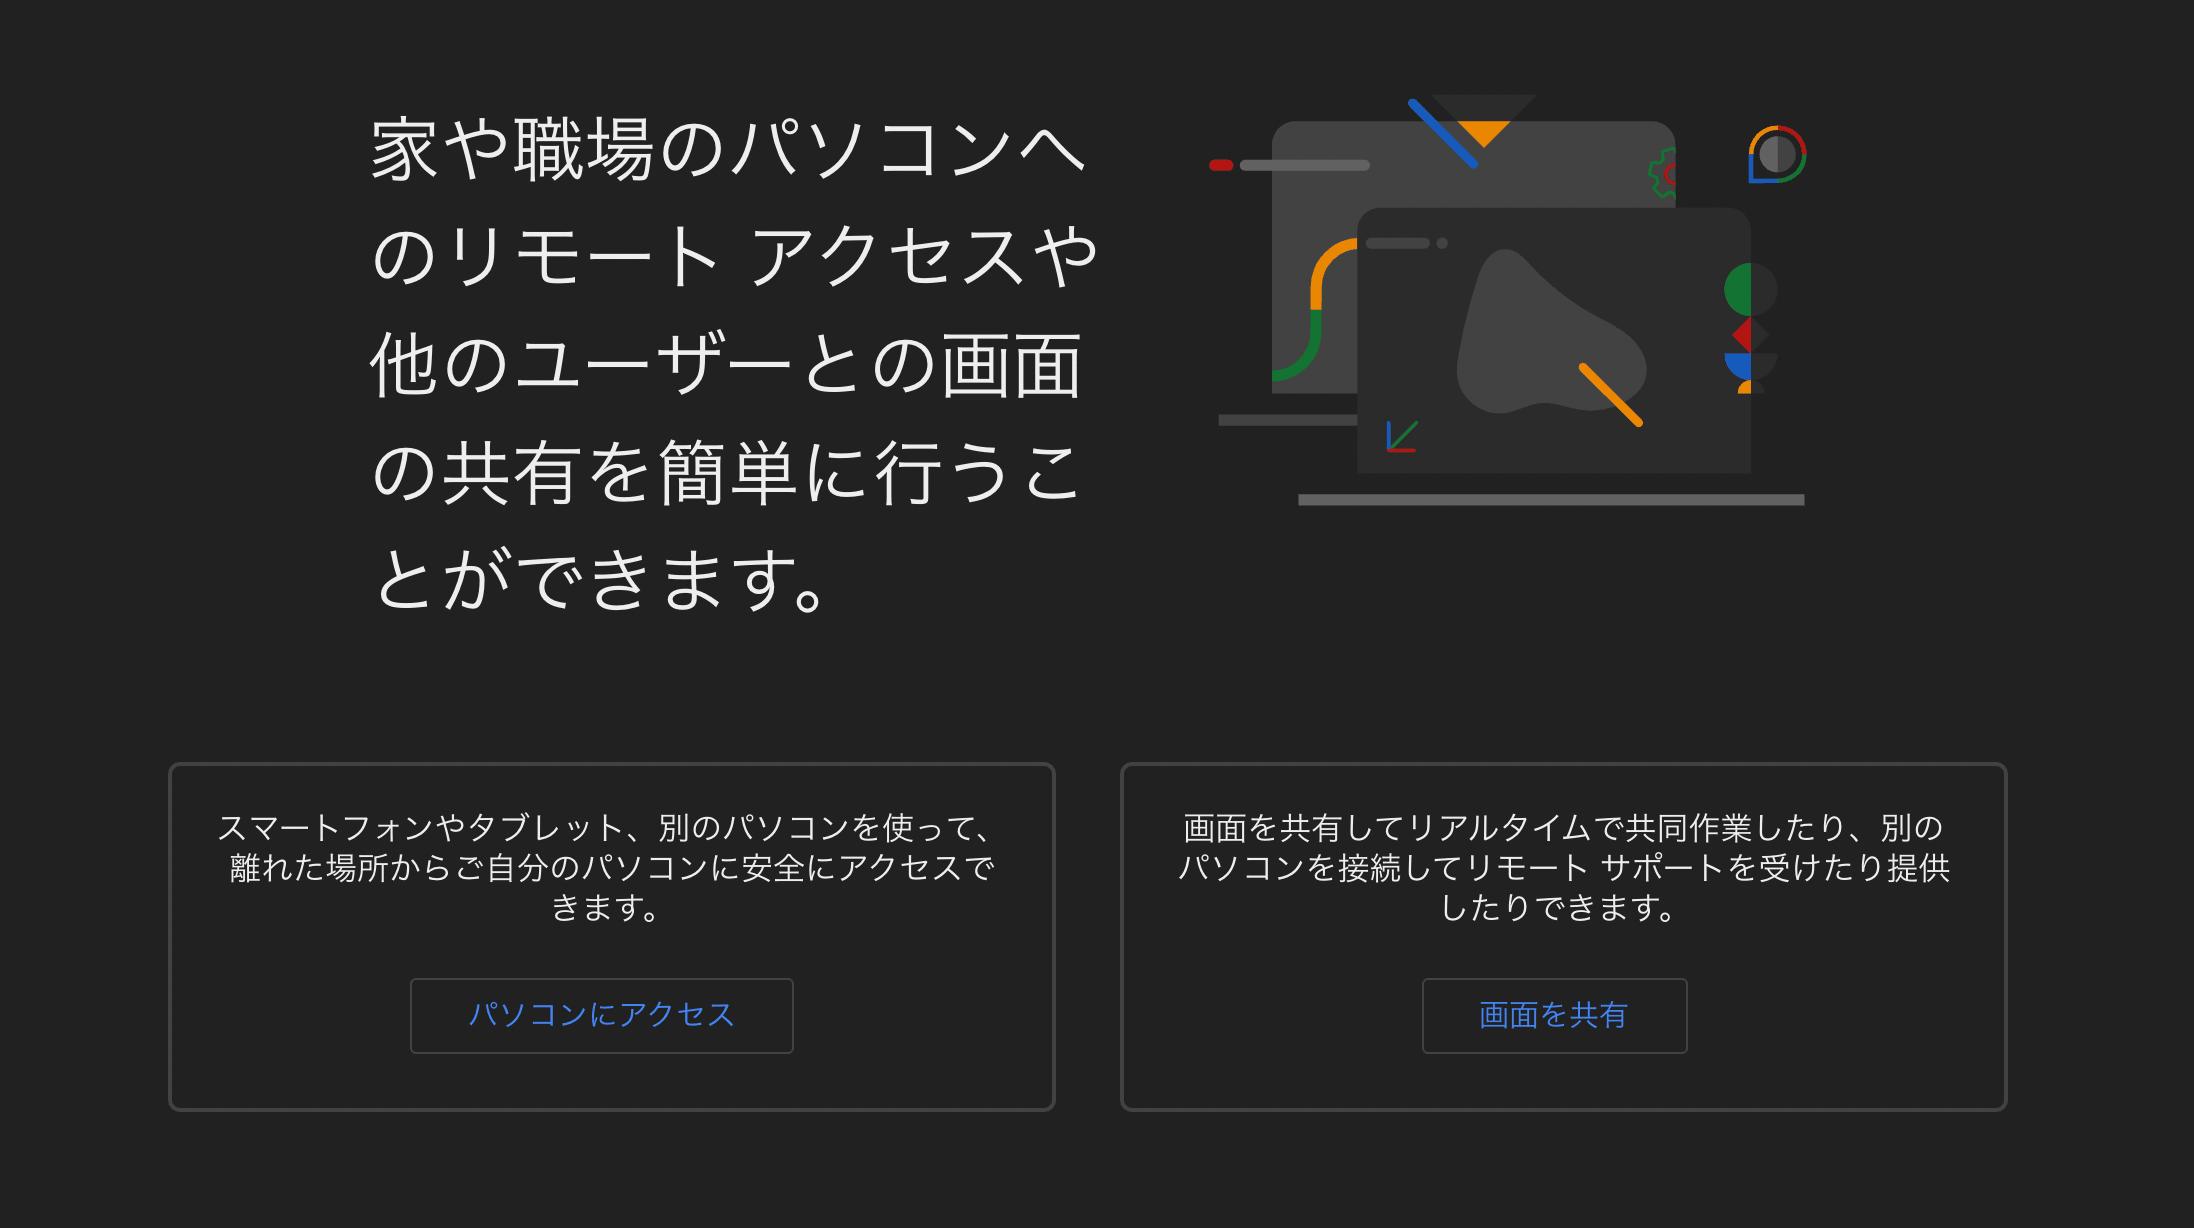 スクリーンショット 2021-09-01 17.34.26-min